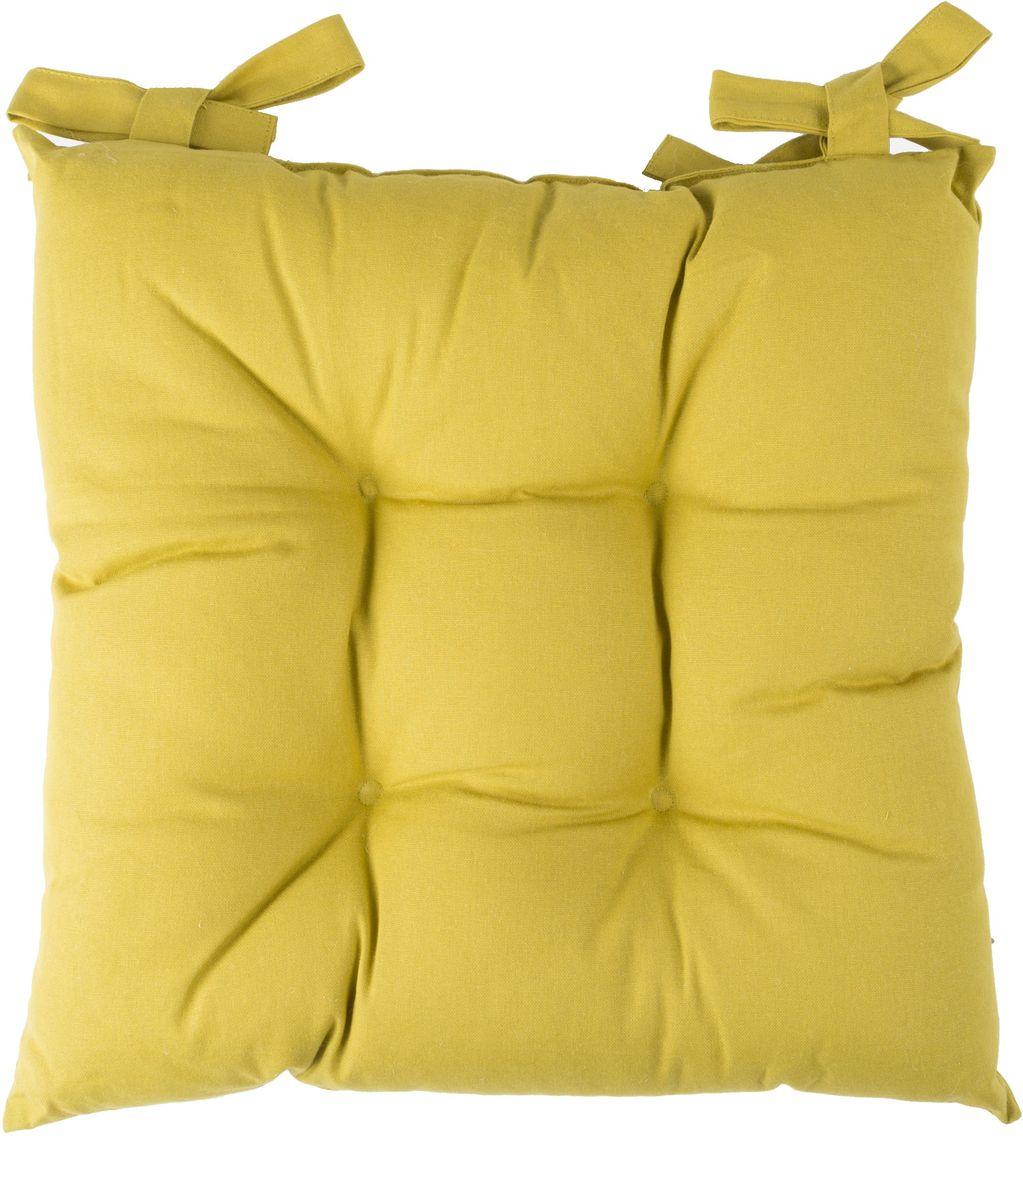 Подушка на стул Daily by Togas Стелла, цвет: горчичный, 45 х 45 см стулья детские русэкомебель стул квадратный розовый эко